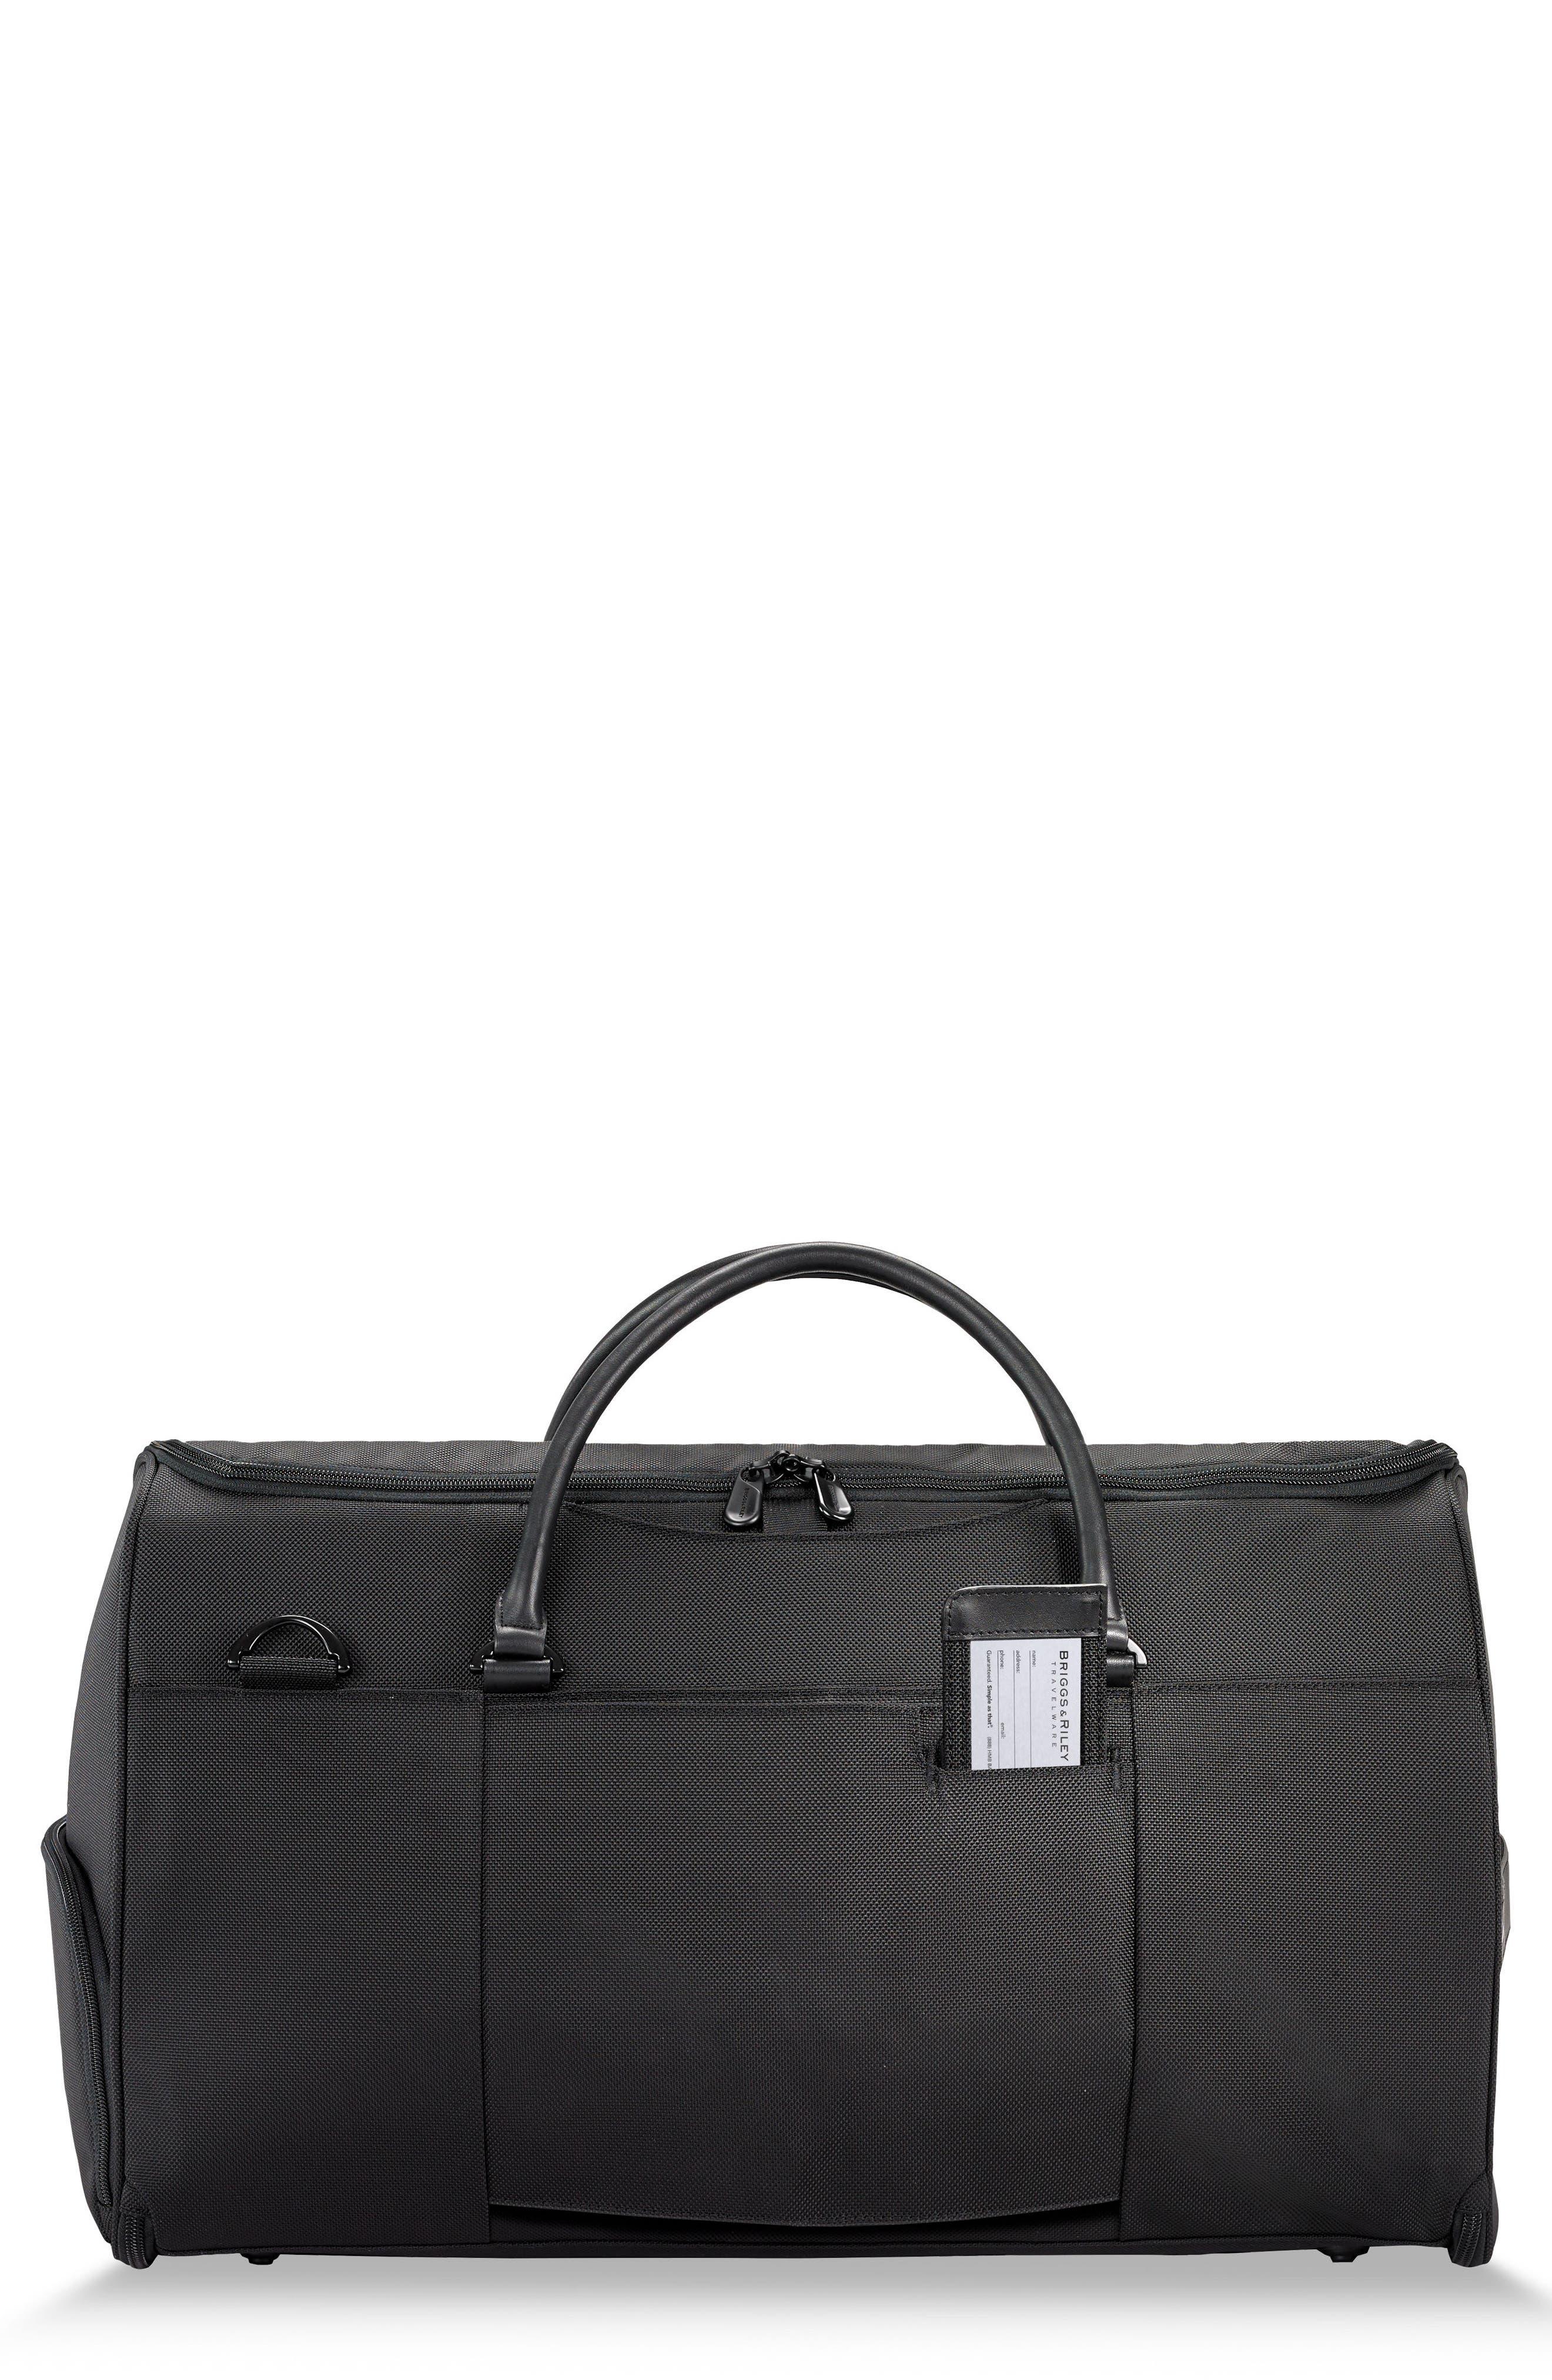 BRIGGS & RILEY,                             Baseline Suiter Duffel Bag,                             Main thumbnail 1, color,                             BLACK